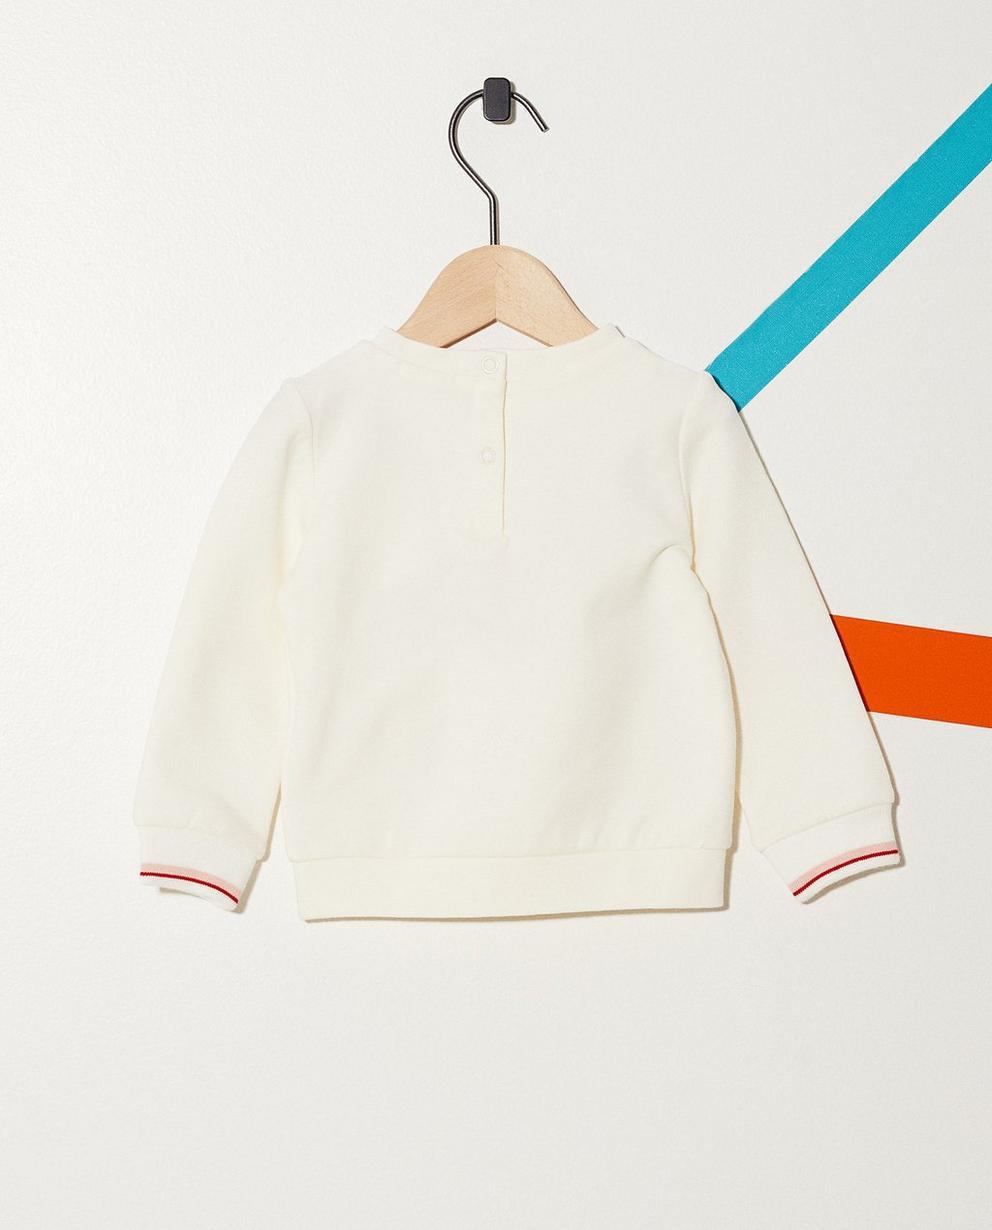 Sweater - Weiss - Sweater mit buntem Schriftzug